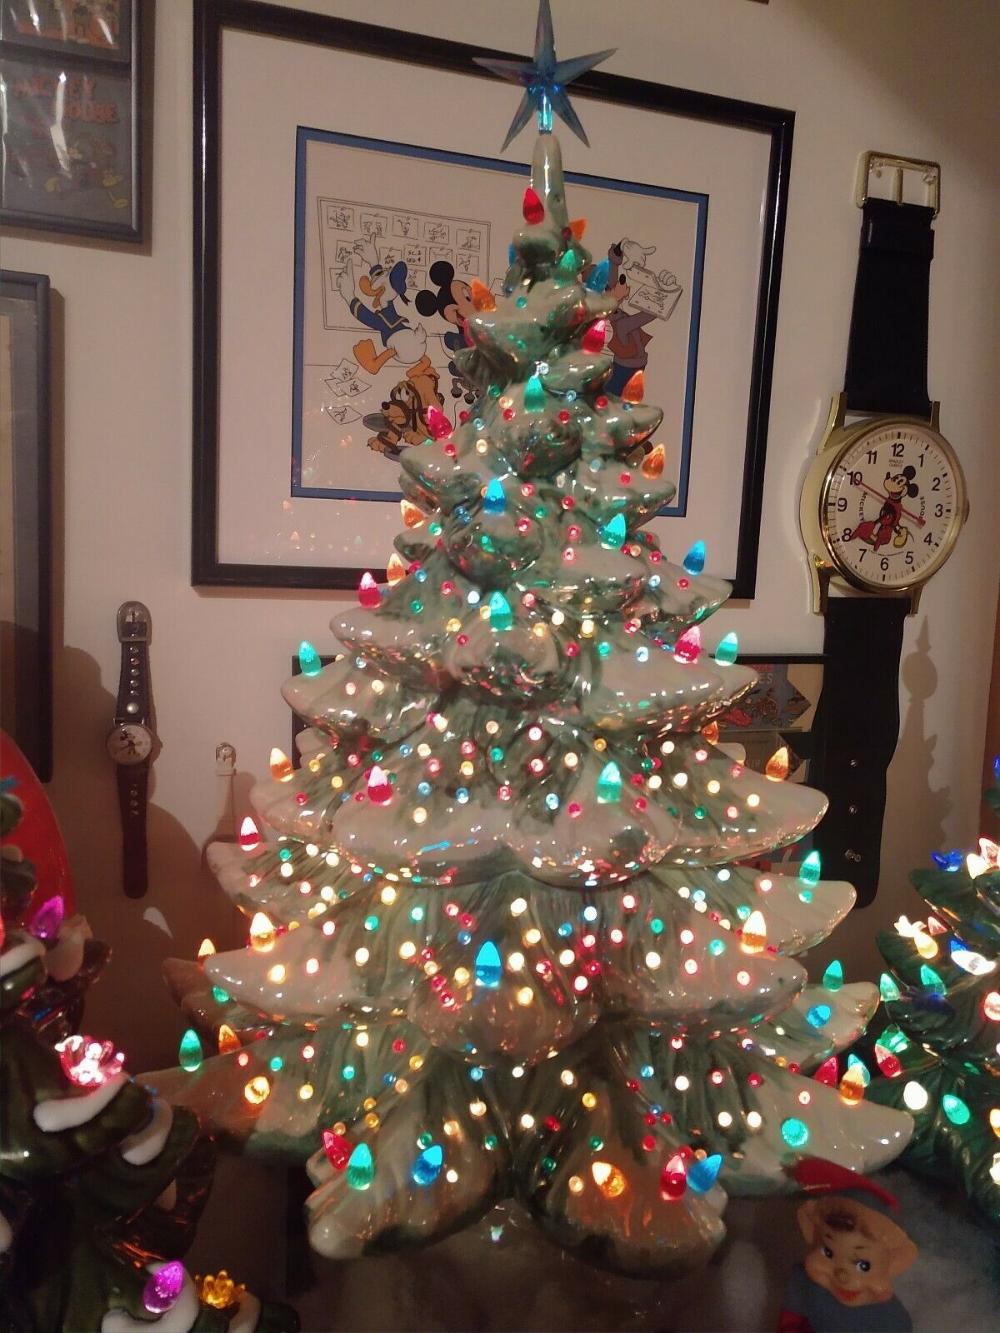 Vintage Ceramic Christmas Tree Lighted Rare Music Box Base 100s Of Lights Vintage Ceramic Christmas Tree Ceramic Christmas Trees Ceramic Christmas Tree Lights